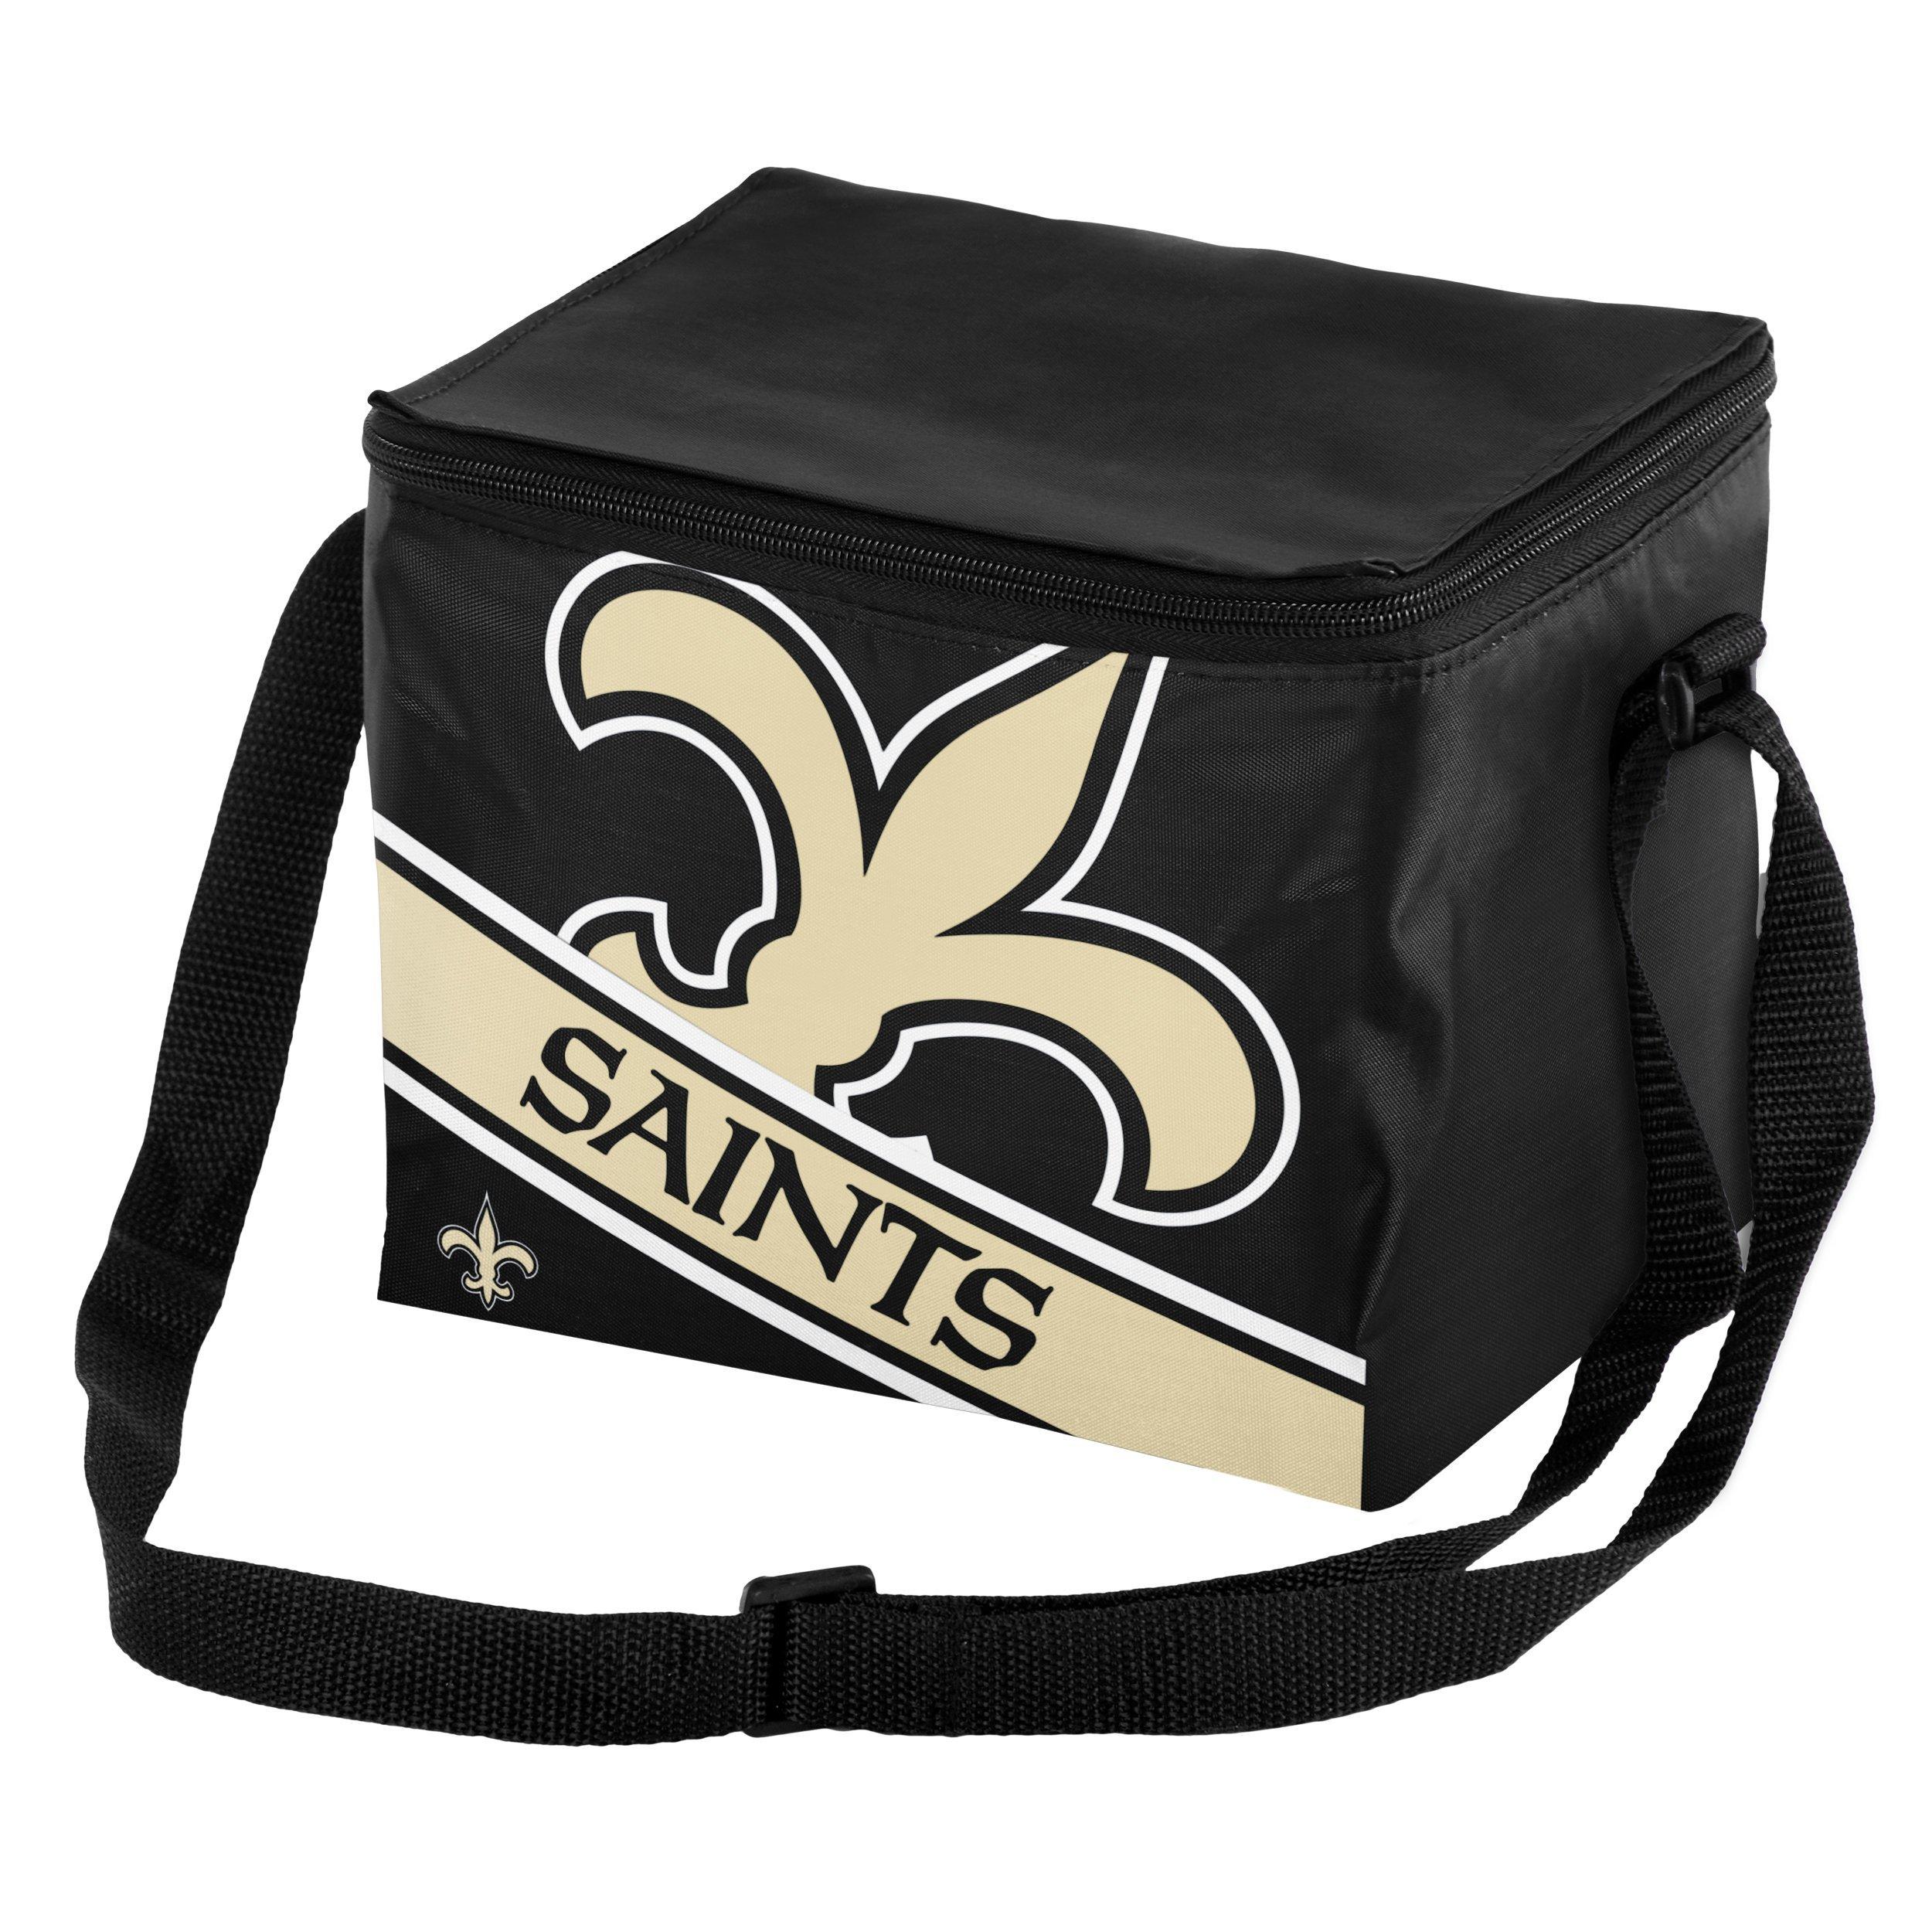 New Orleans Saints Big Logo Stripe 6 Pack Cooler